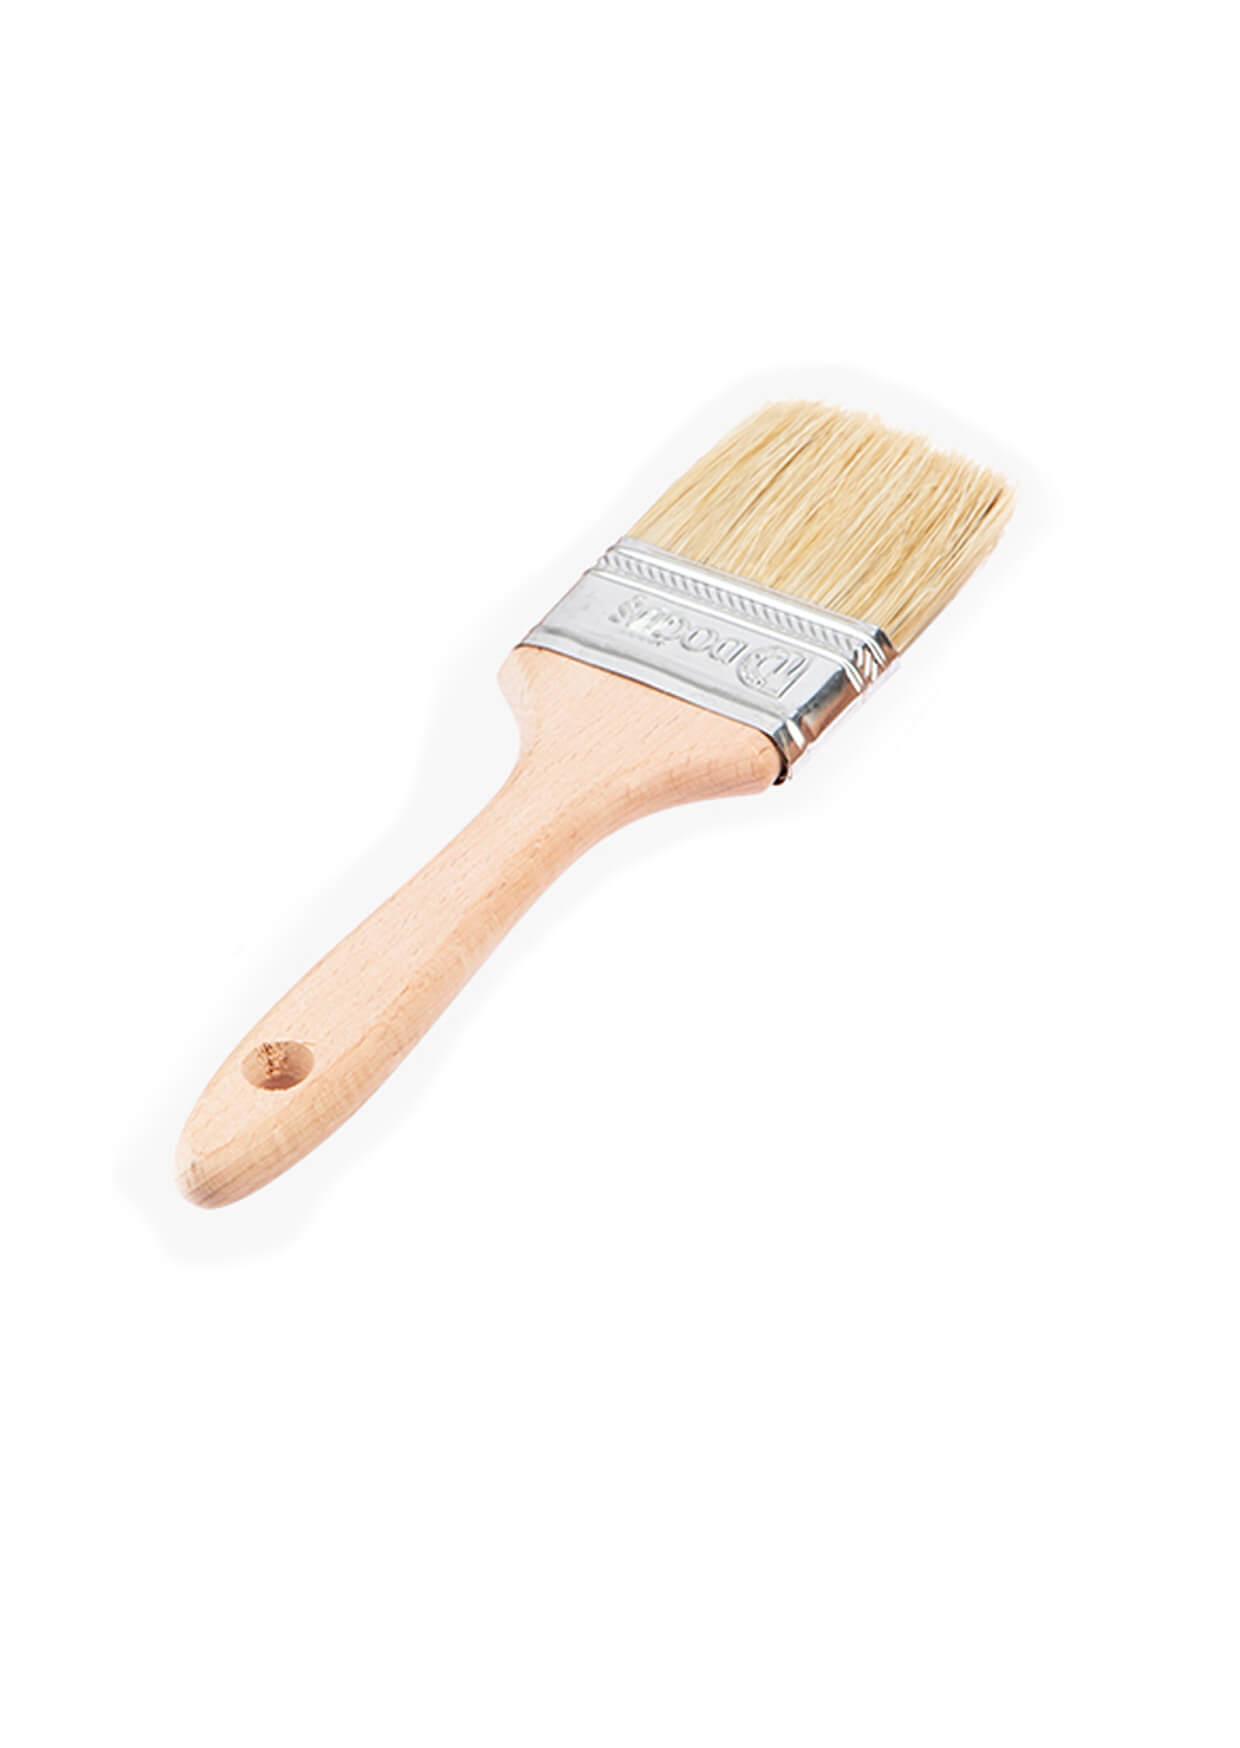 cadence verychalky Ekonomik  zemin fırça  eskitme  kestirme fırçası ahşap saplı